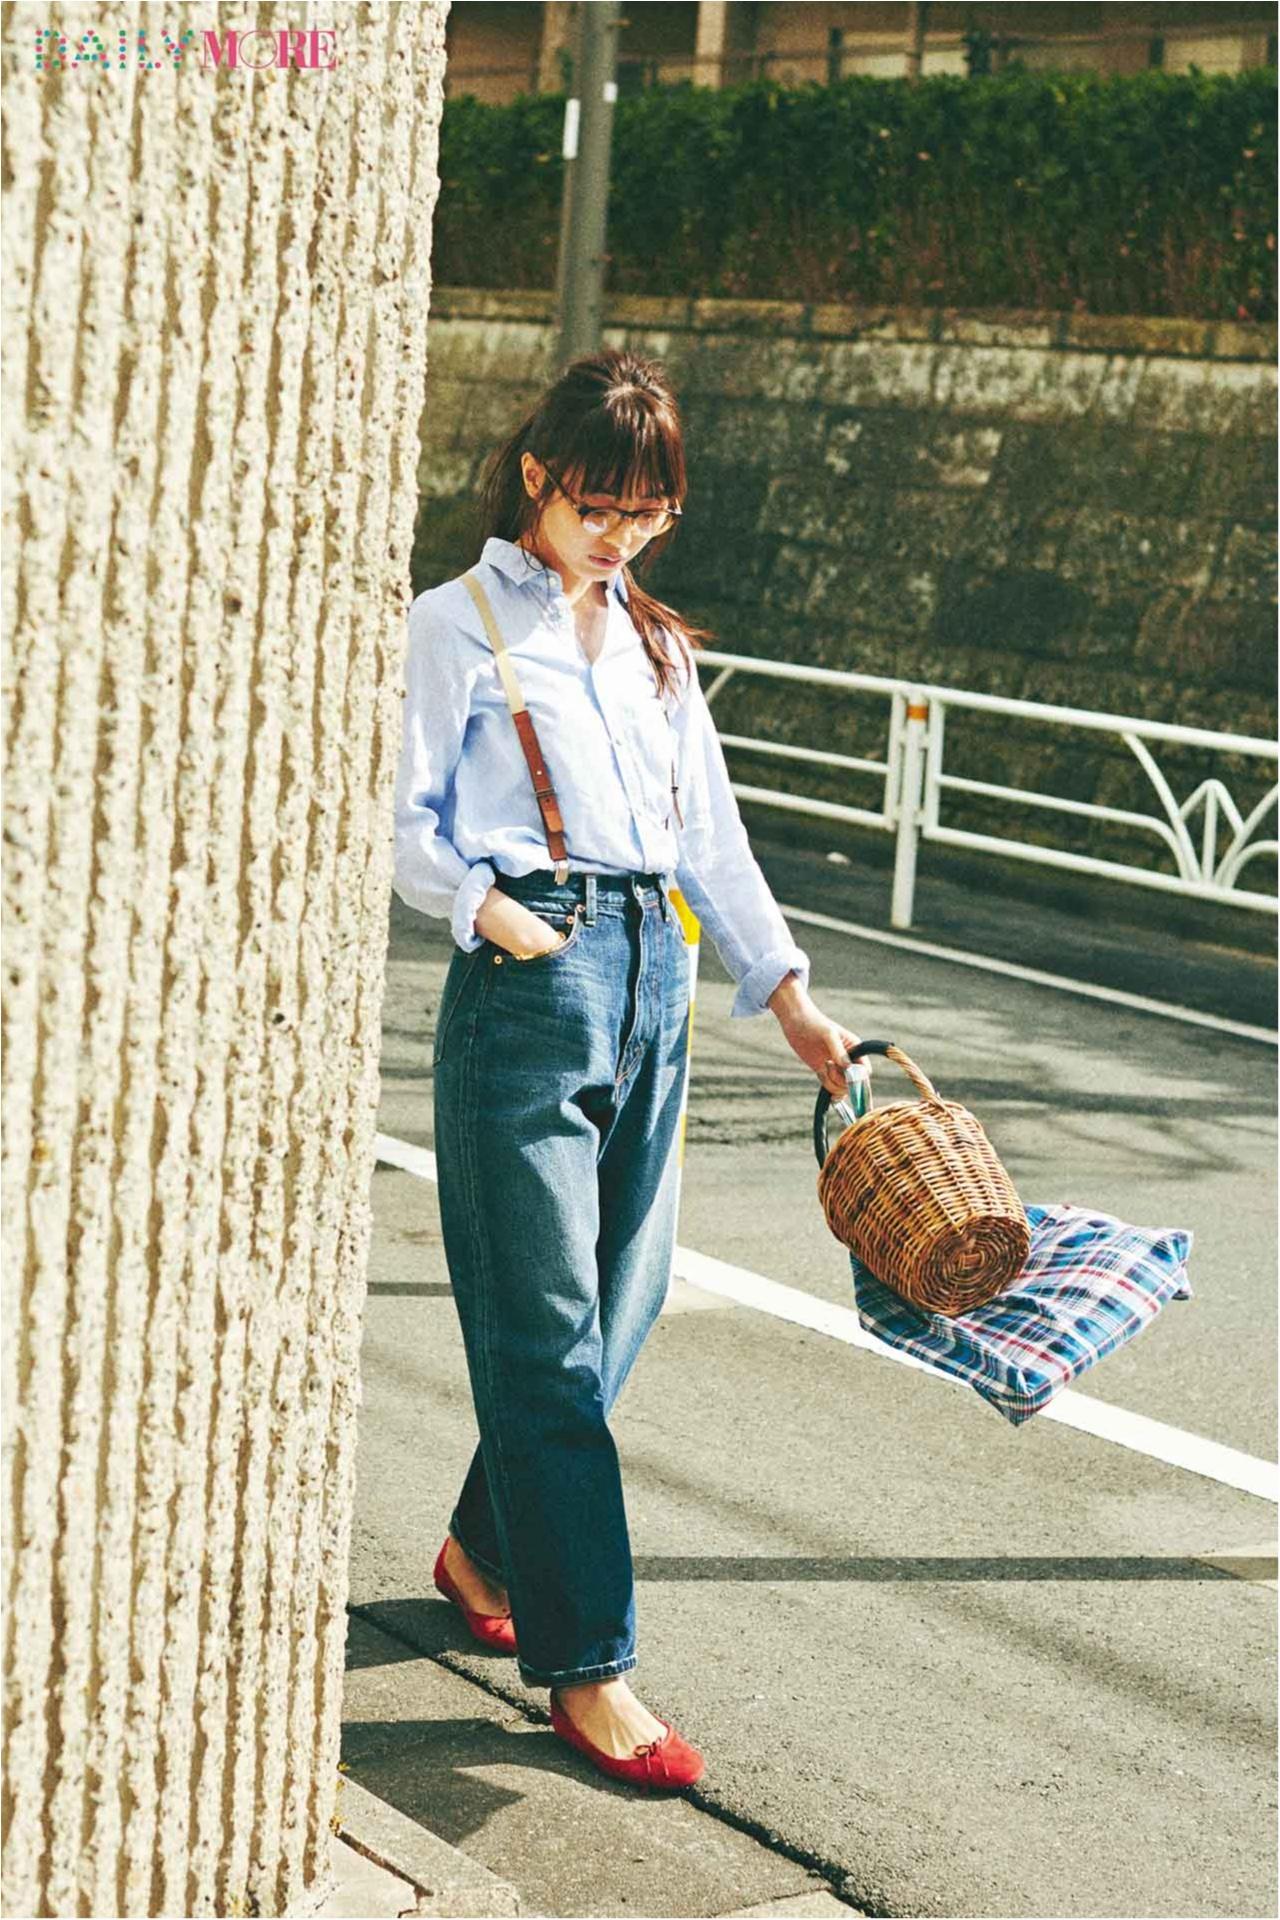 【今日のコーデ/内田理央】街ぶらする日曜はブルーのリネンシャツ×デニムでボーイッシュに!_1